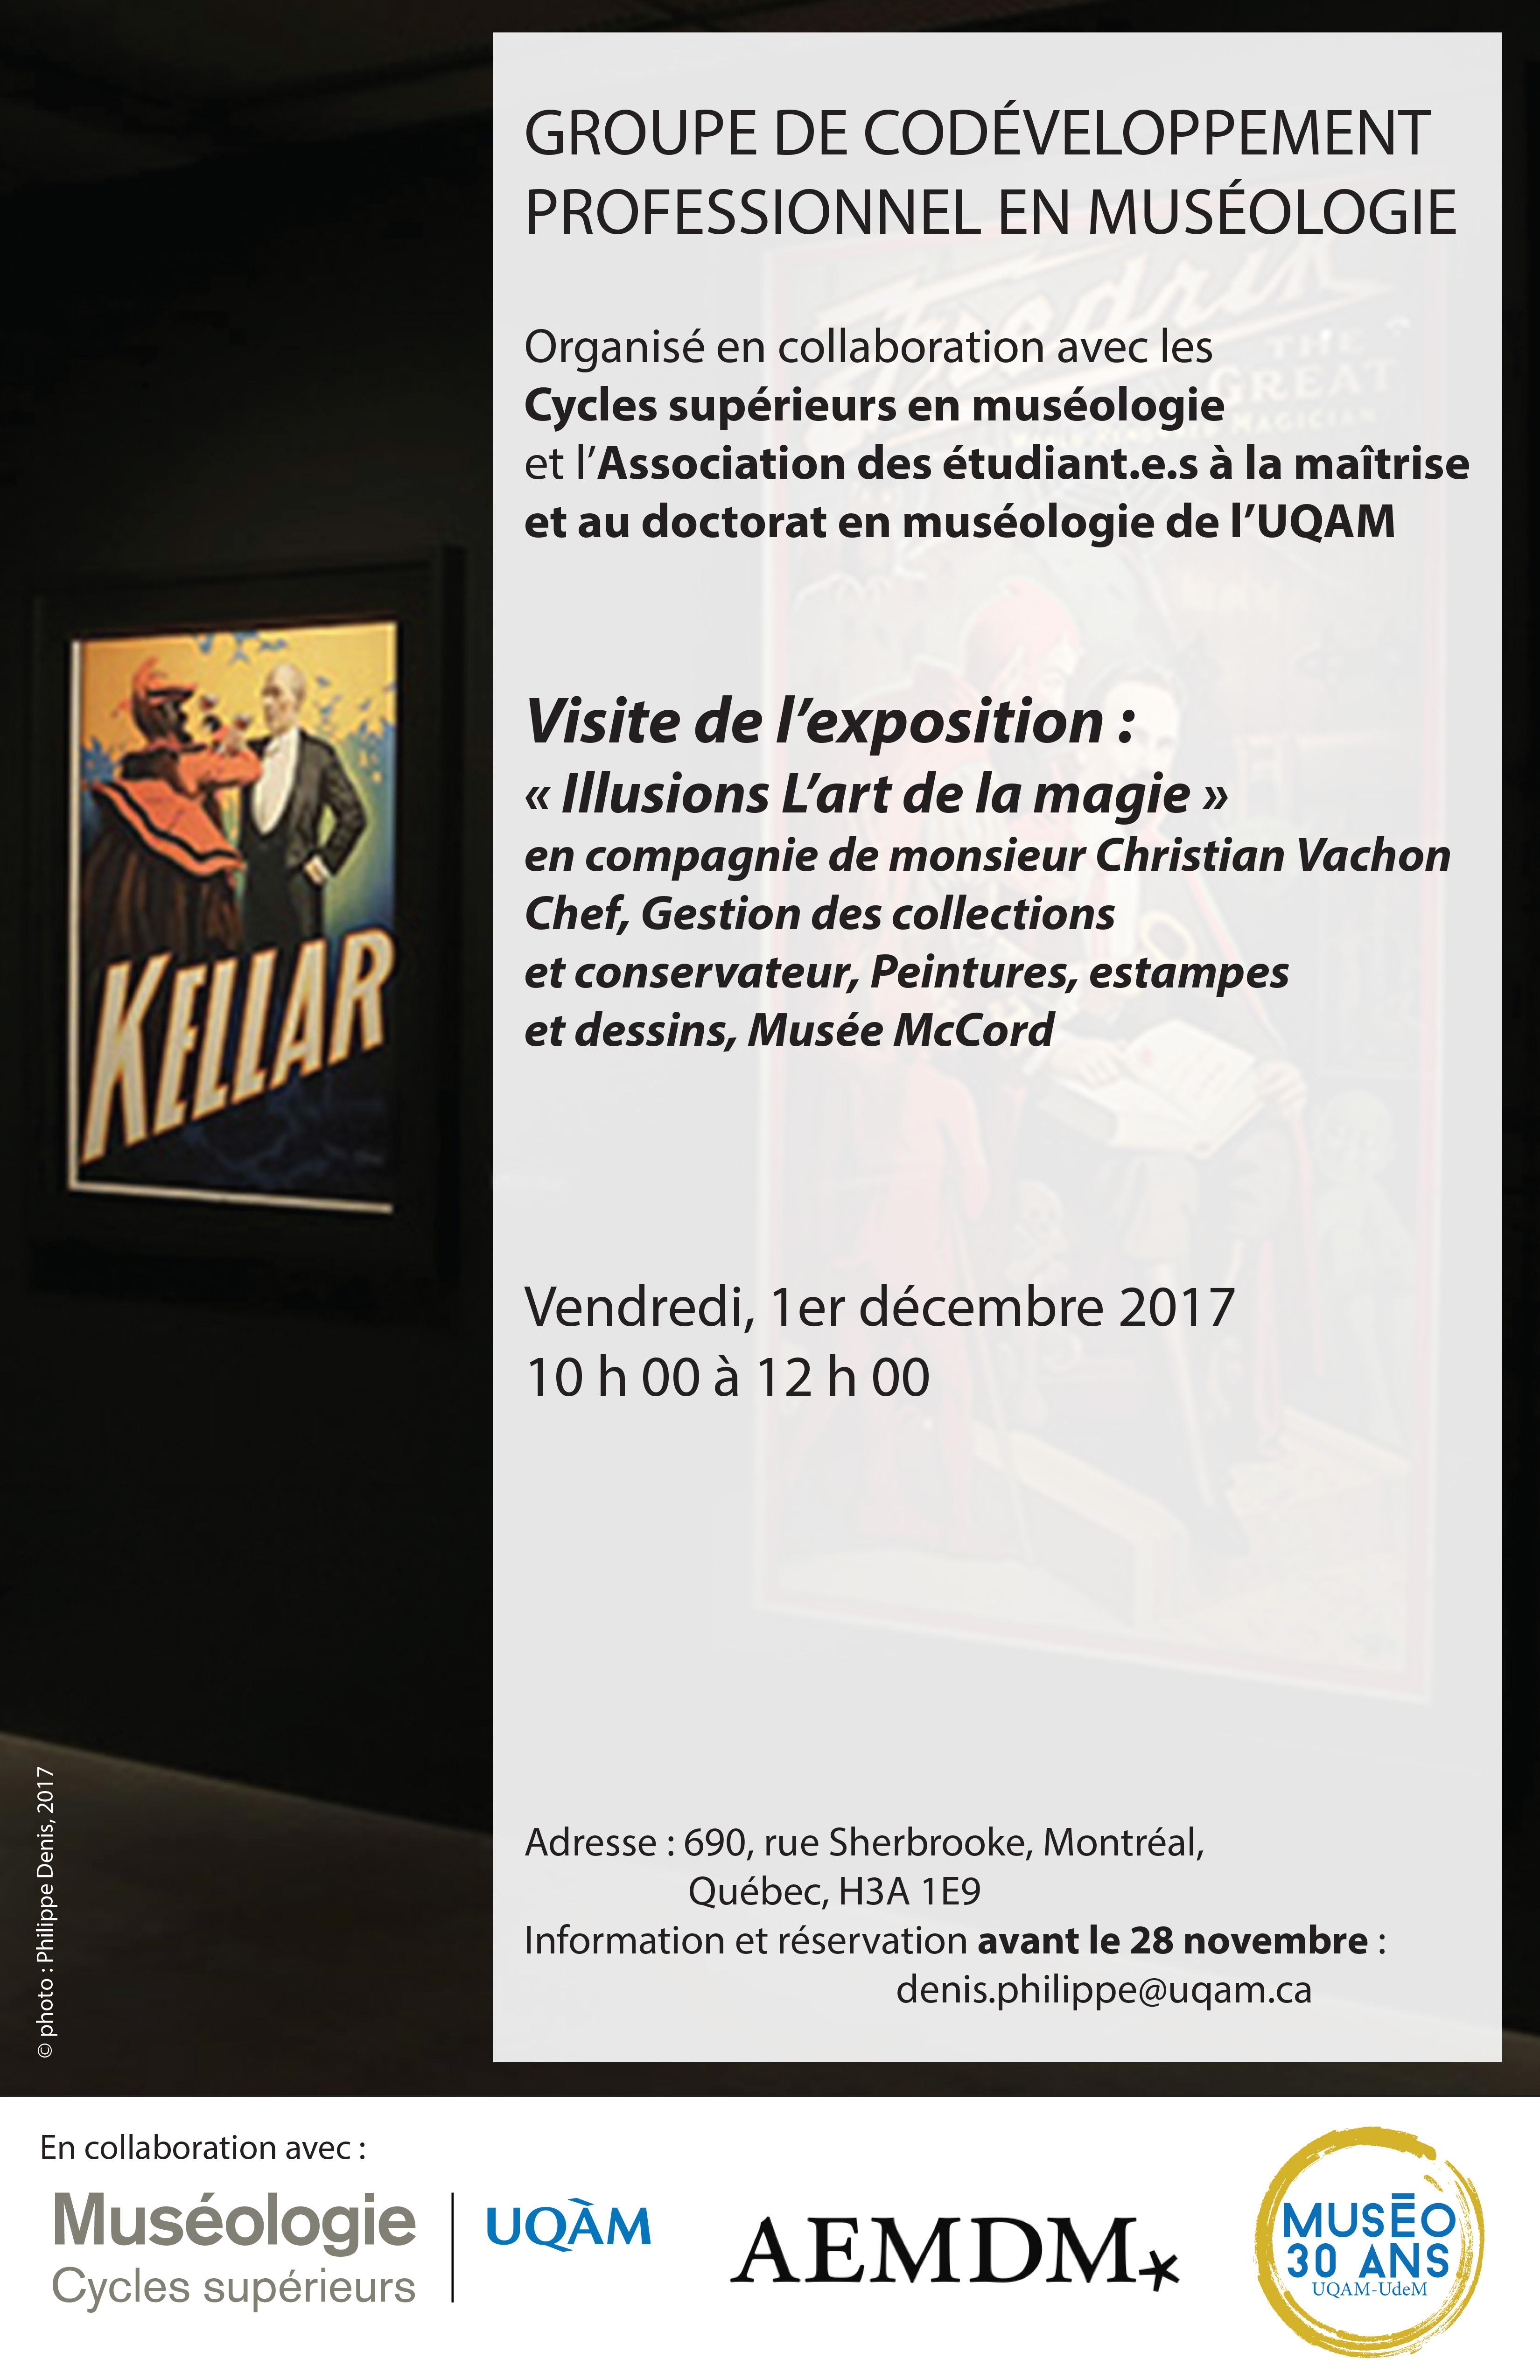 Groupe de codéveloppement professionnel en muséologie / Exposition Illusions, Musée McCord